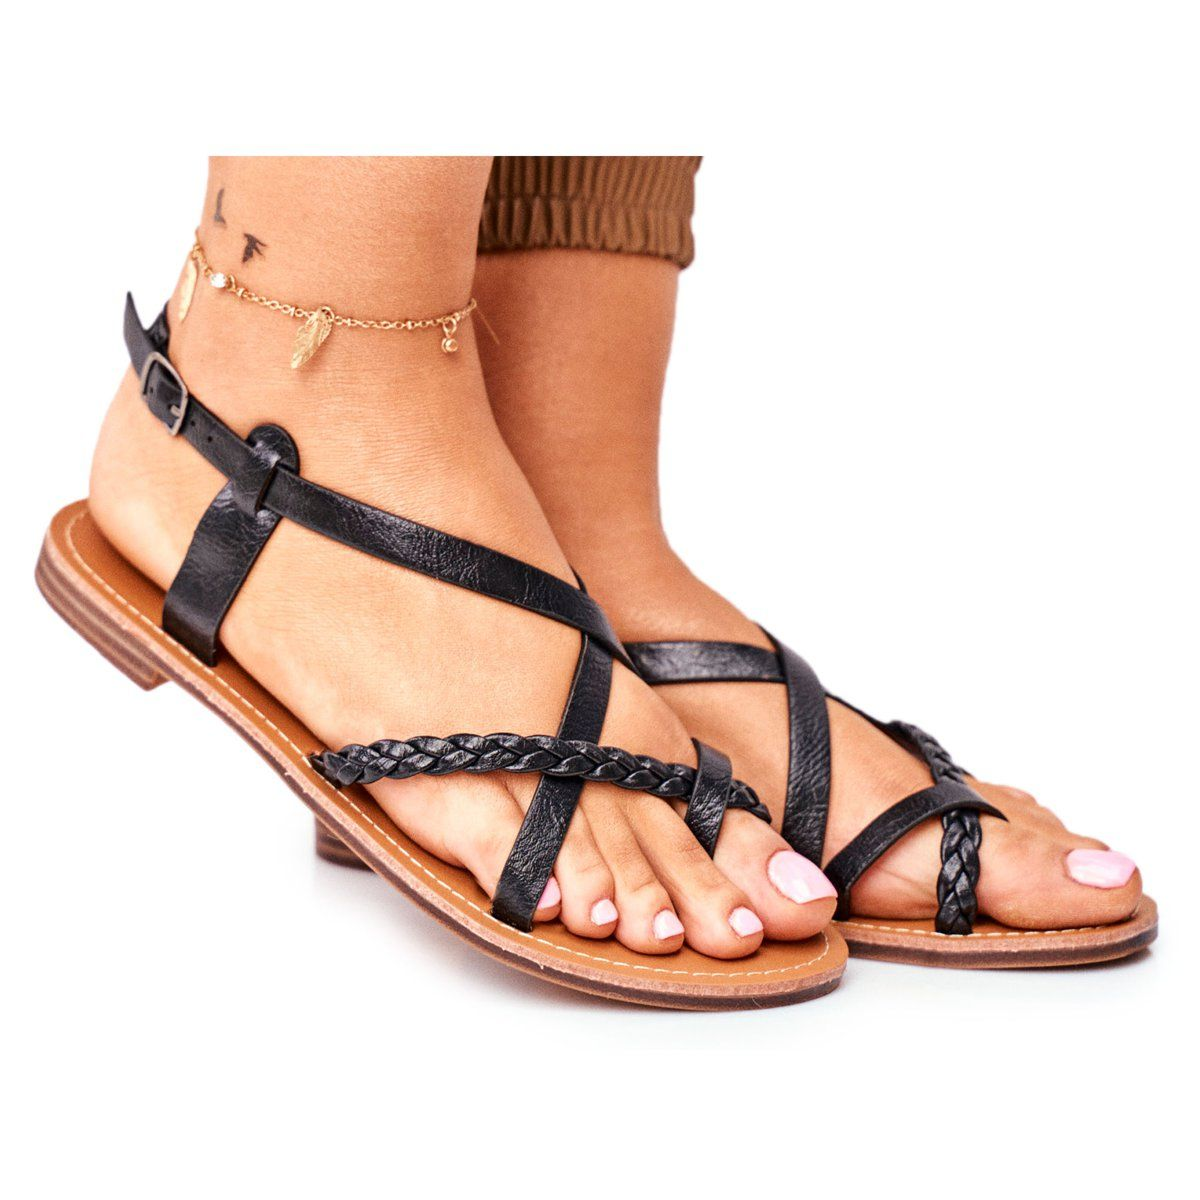 Ady Damskie Plaskie Sandalki Rzemyk Czarny Laurence Czarne Shoes Sandals Fashion